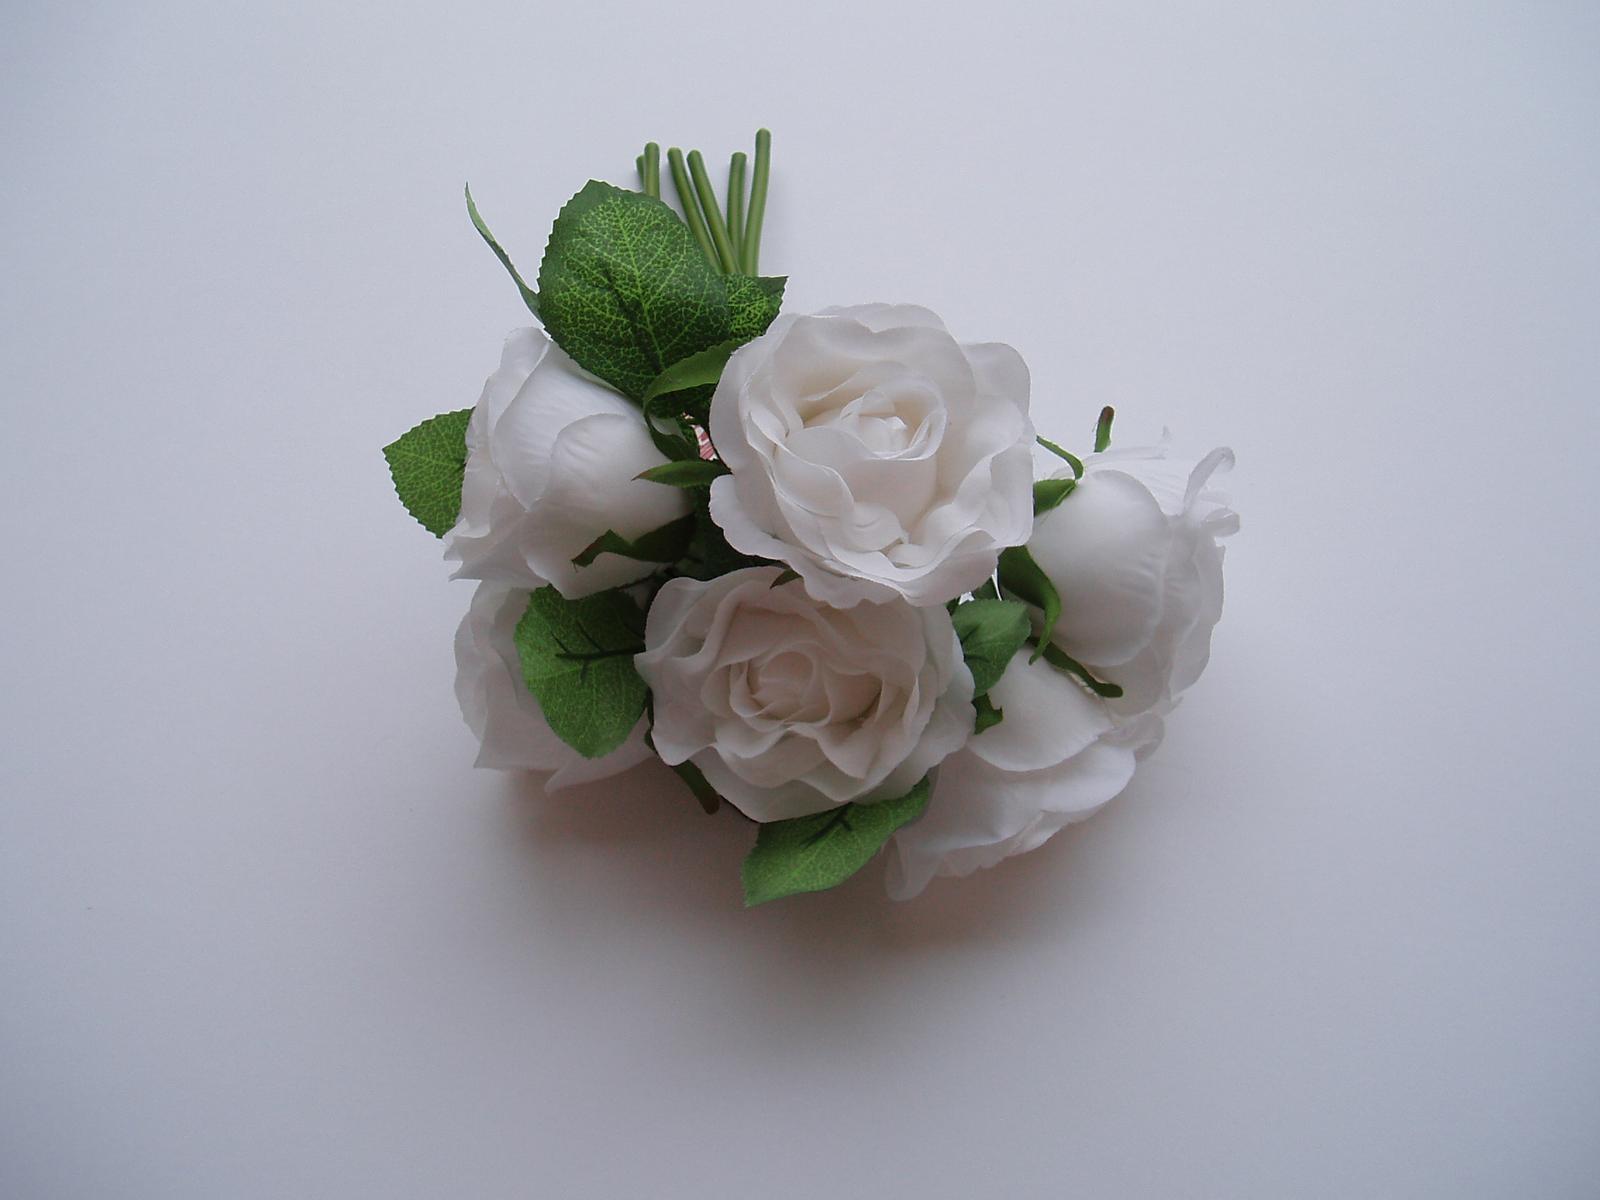 kytice růží bílá 2 - Obrázek č. 1